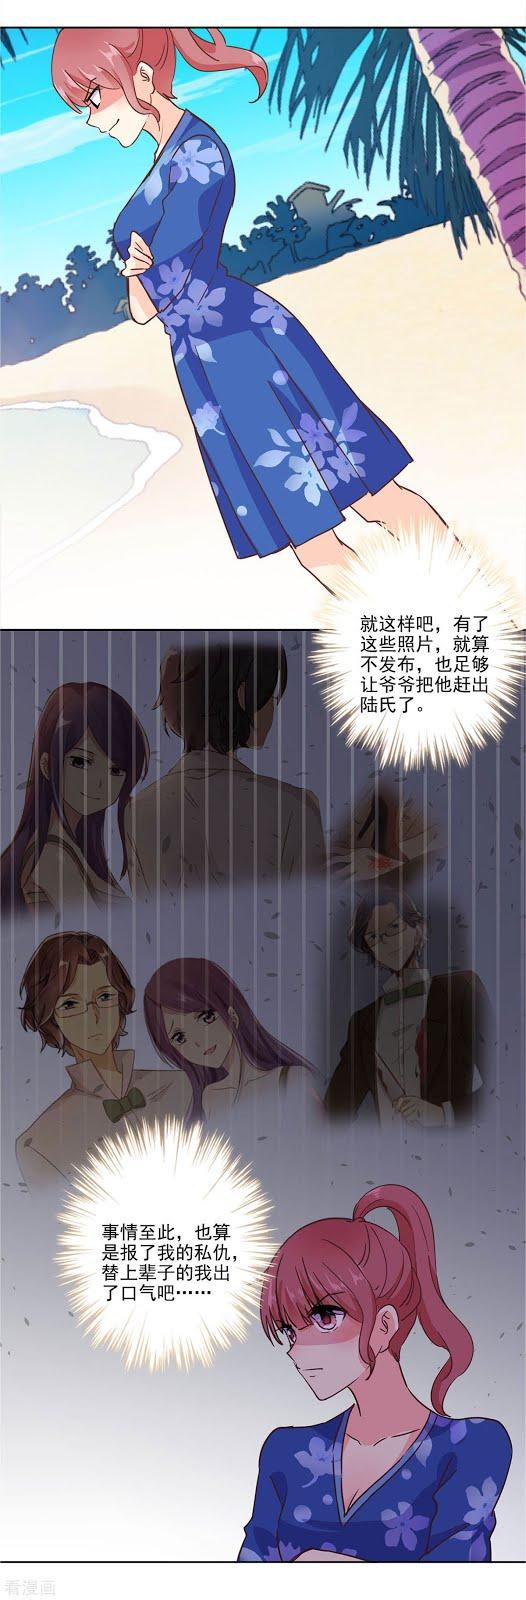 重生豪門之強勢歸來: 一季最终话 - 第18页